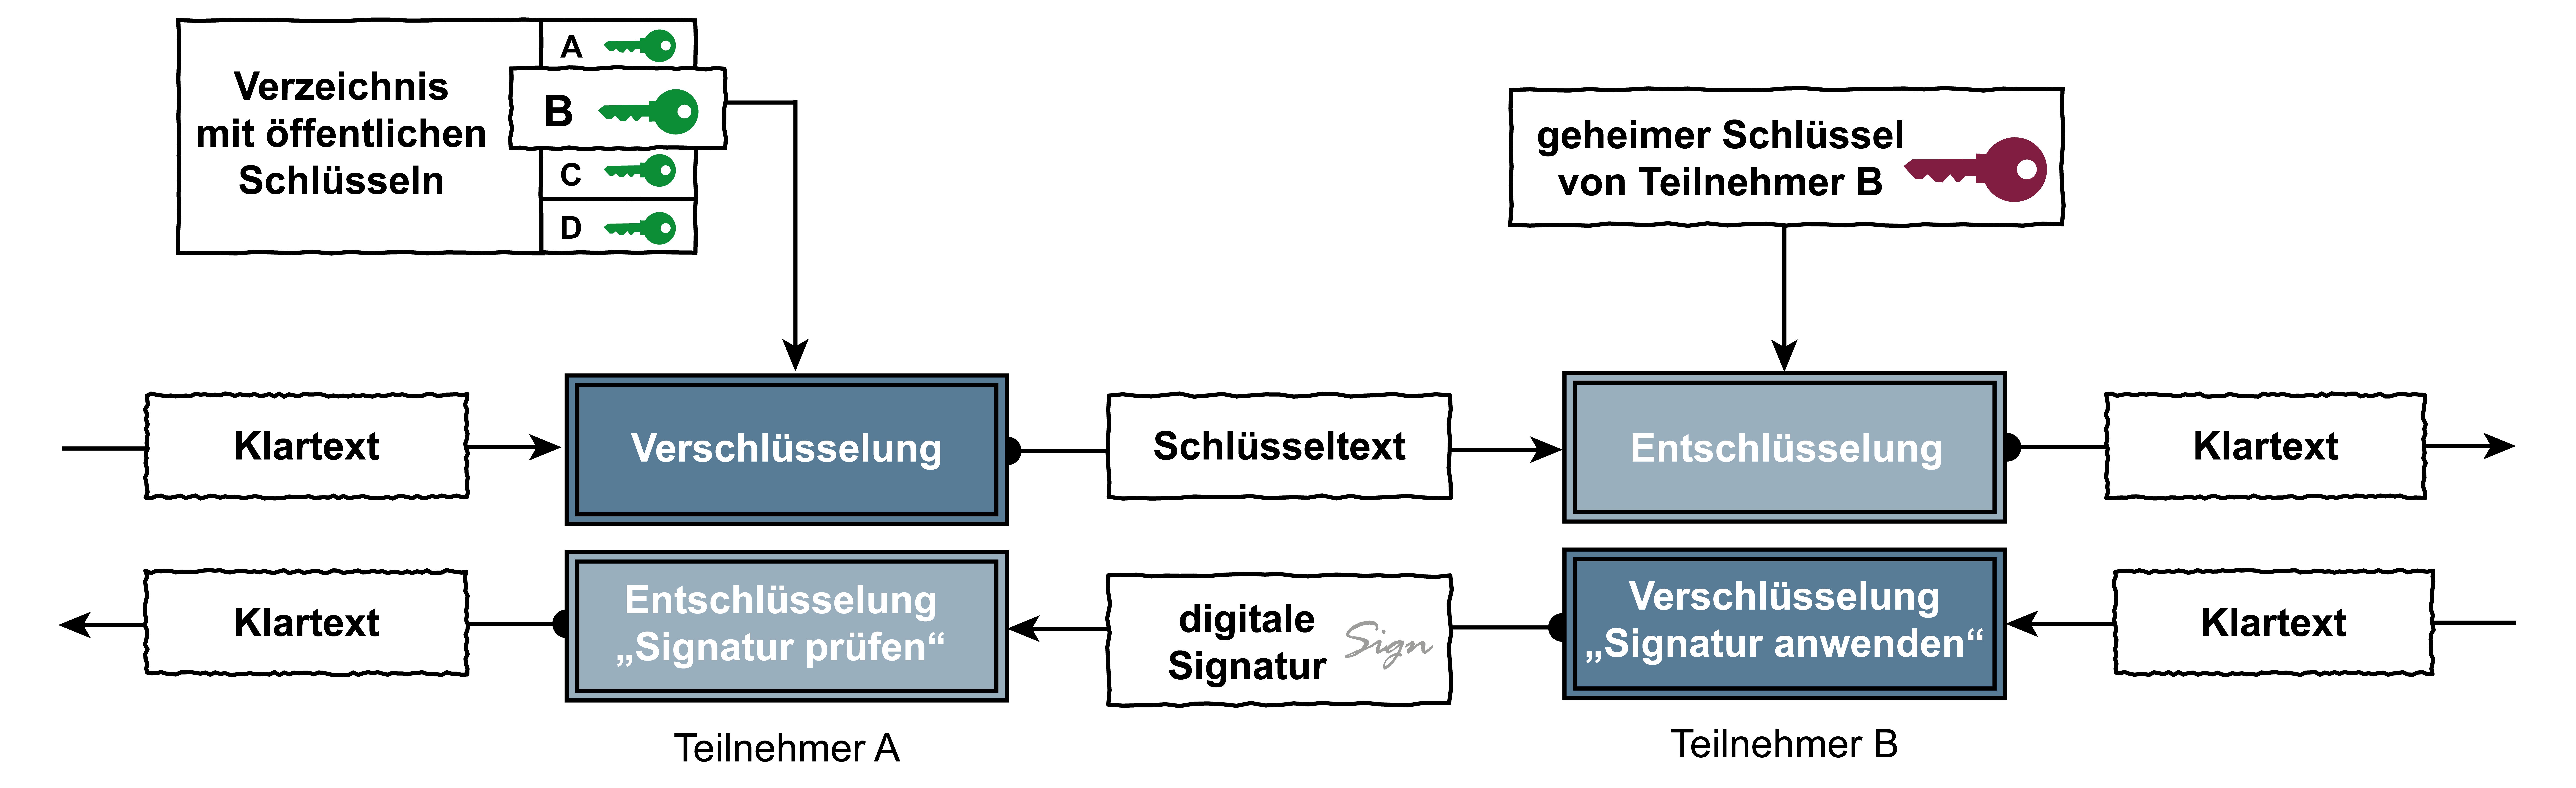 Asymmetrische Verschluesselung Beispiel